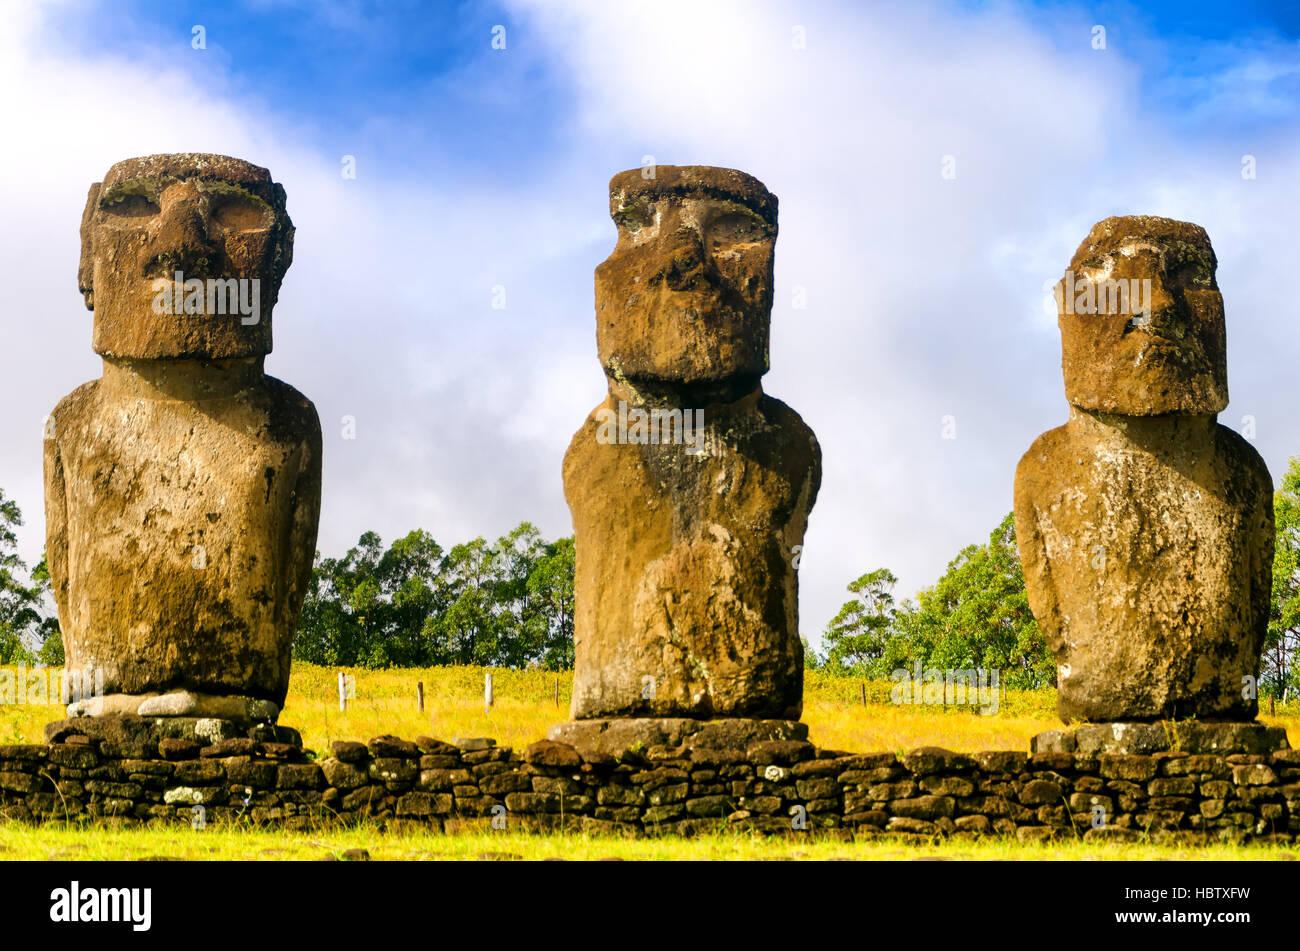 Tre statue Moai dell'isola di pasqua, Cile Immagini Stock